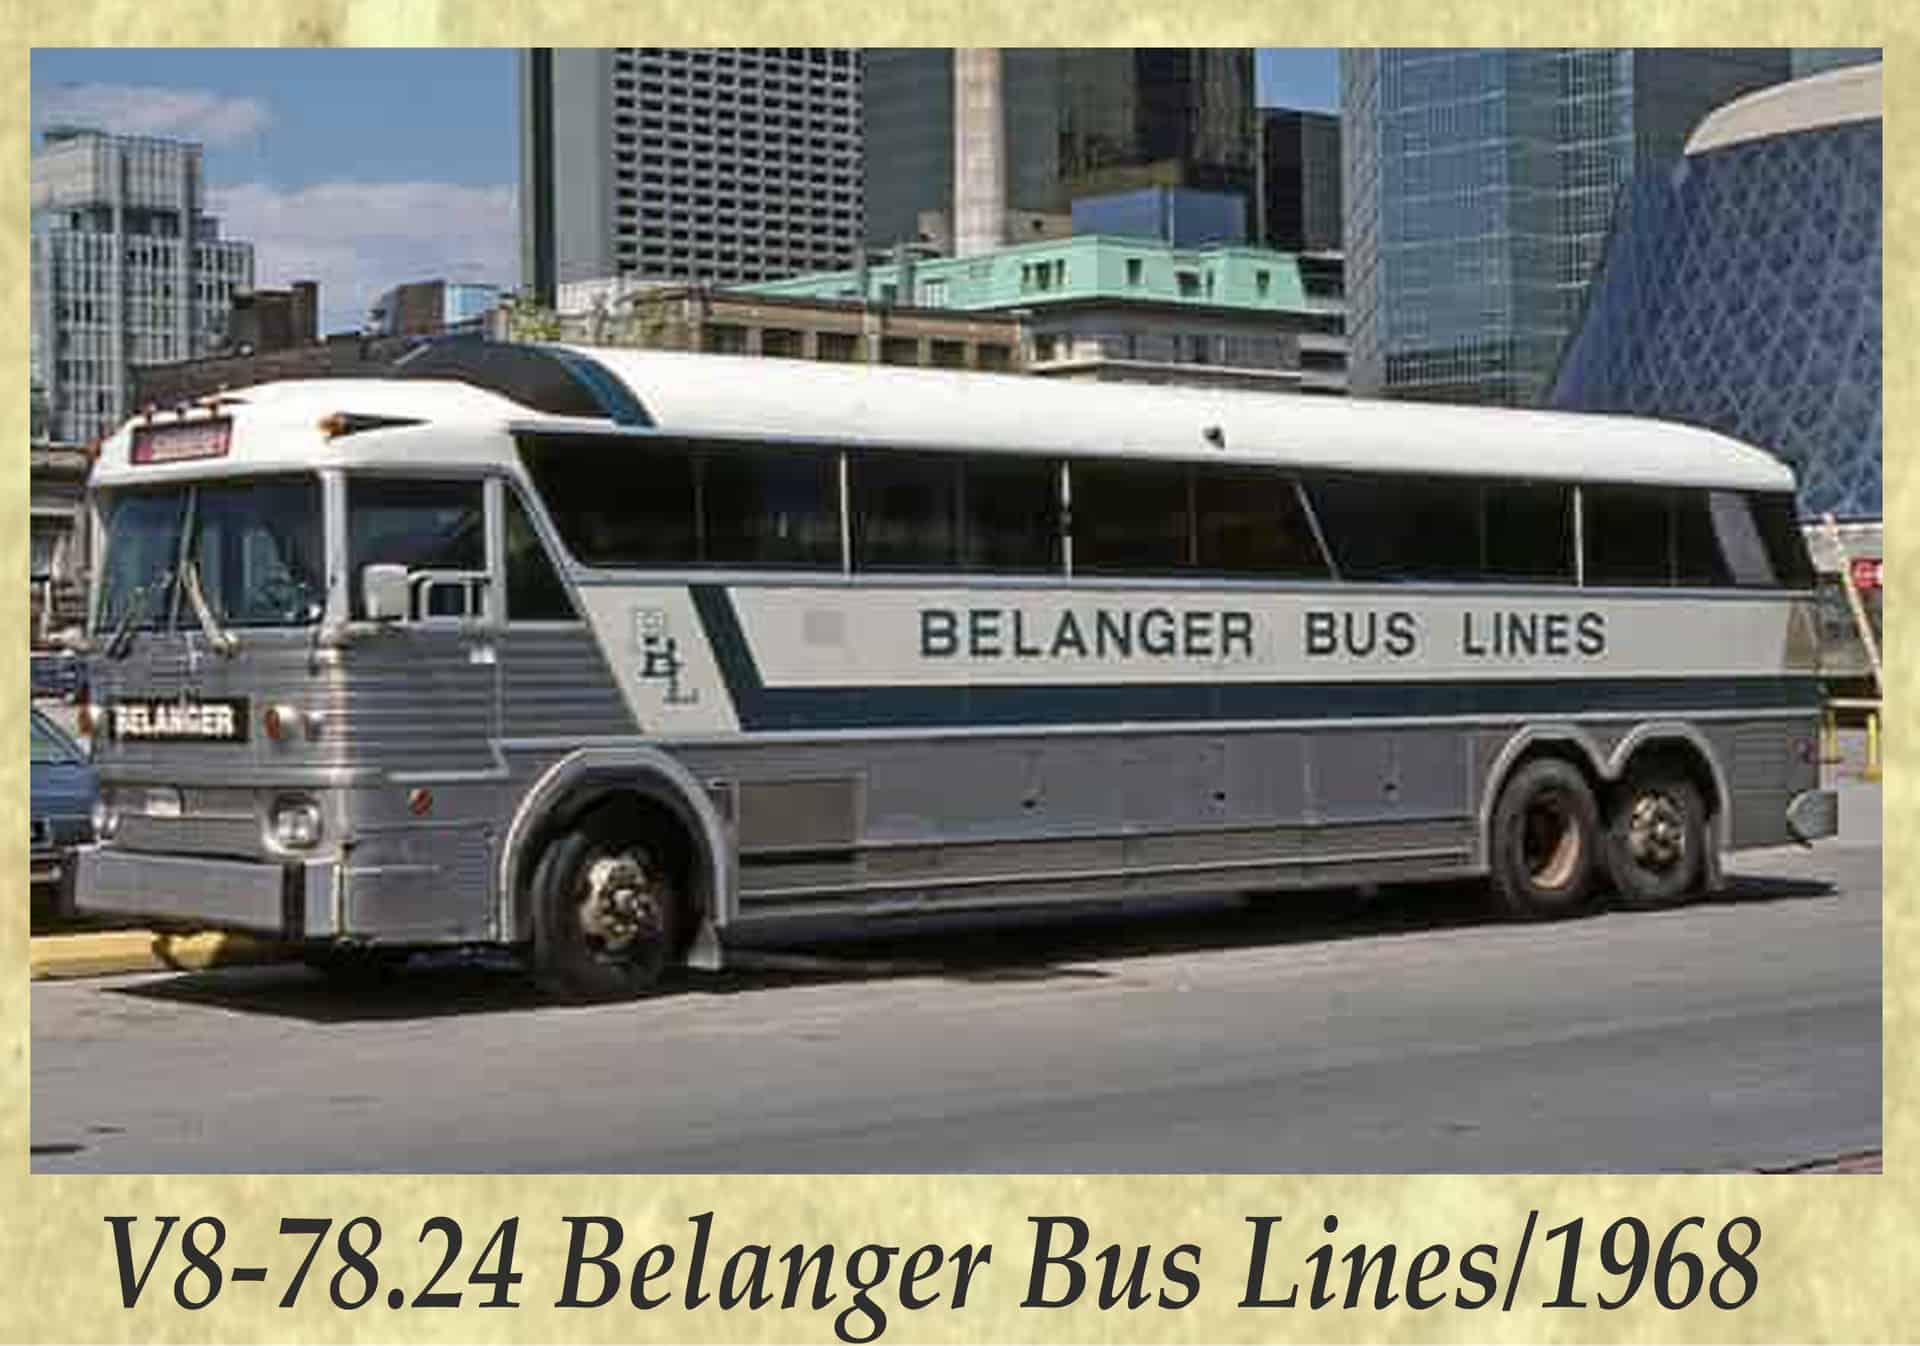 V8-78.24 Belanger Bus Lines 1968